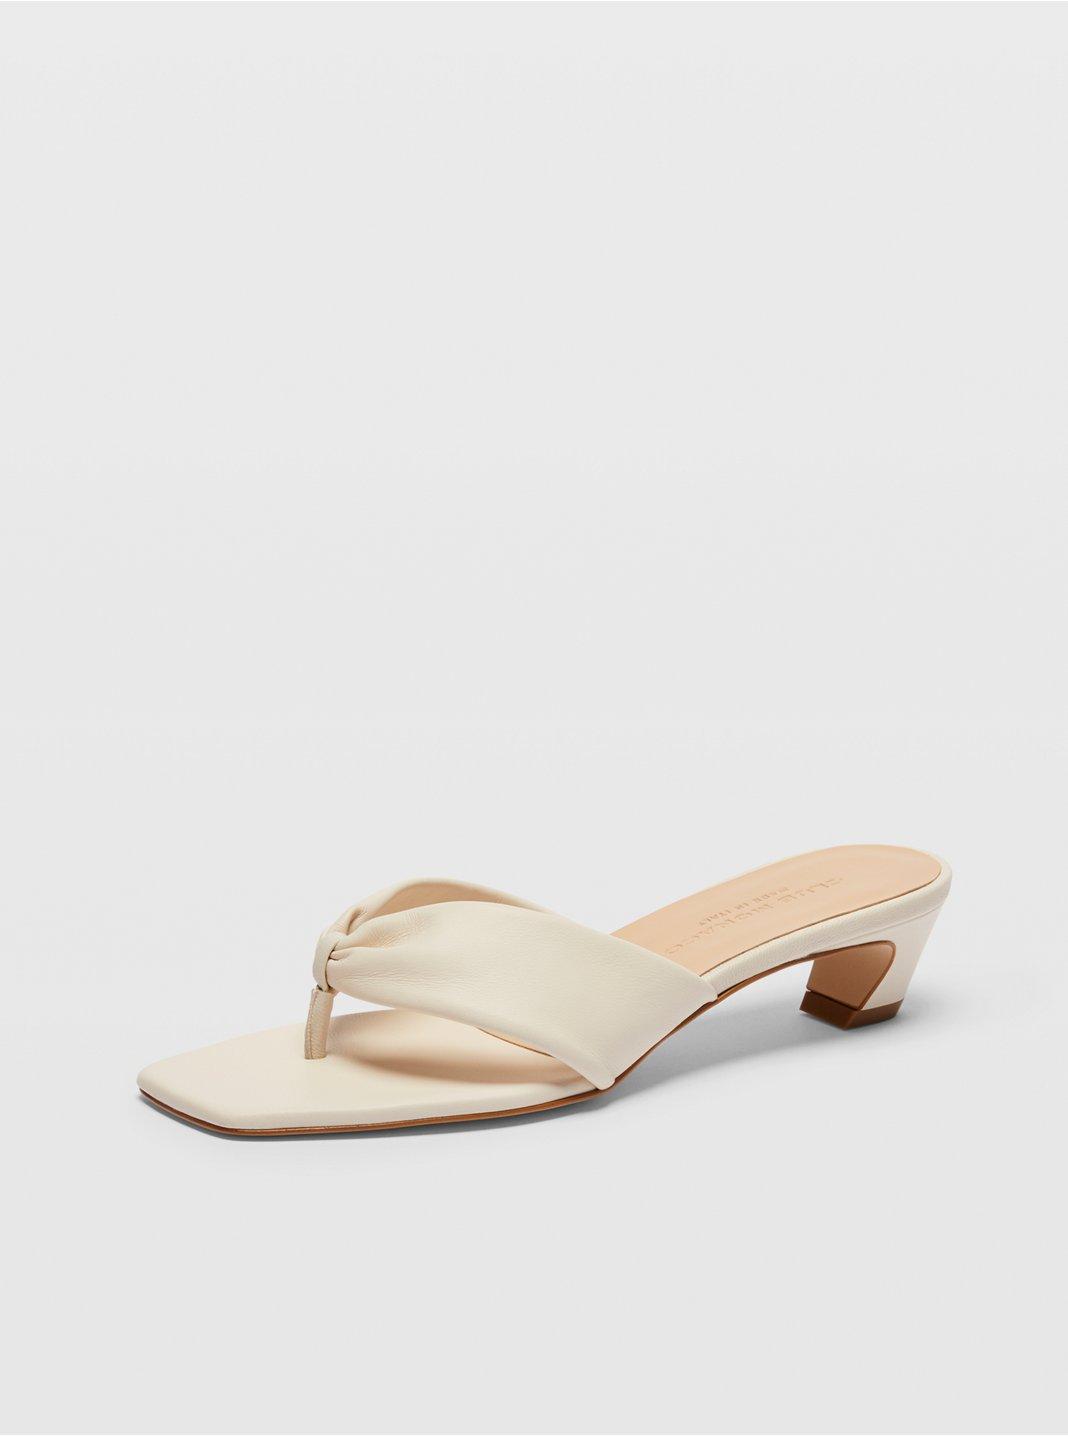 Sandales Miara